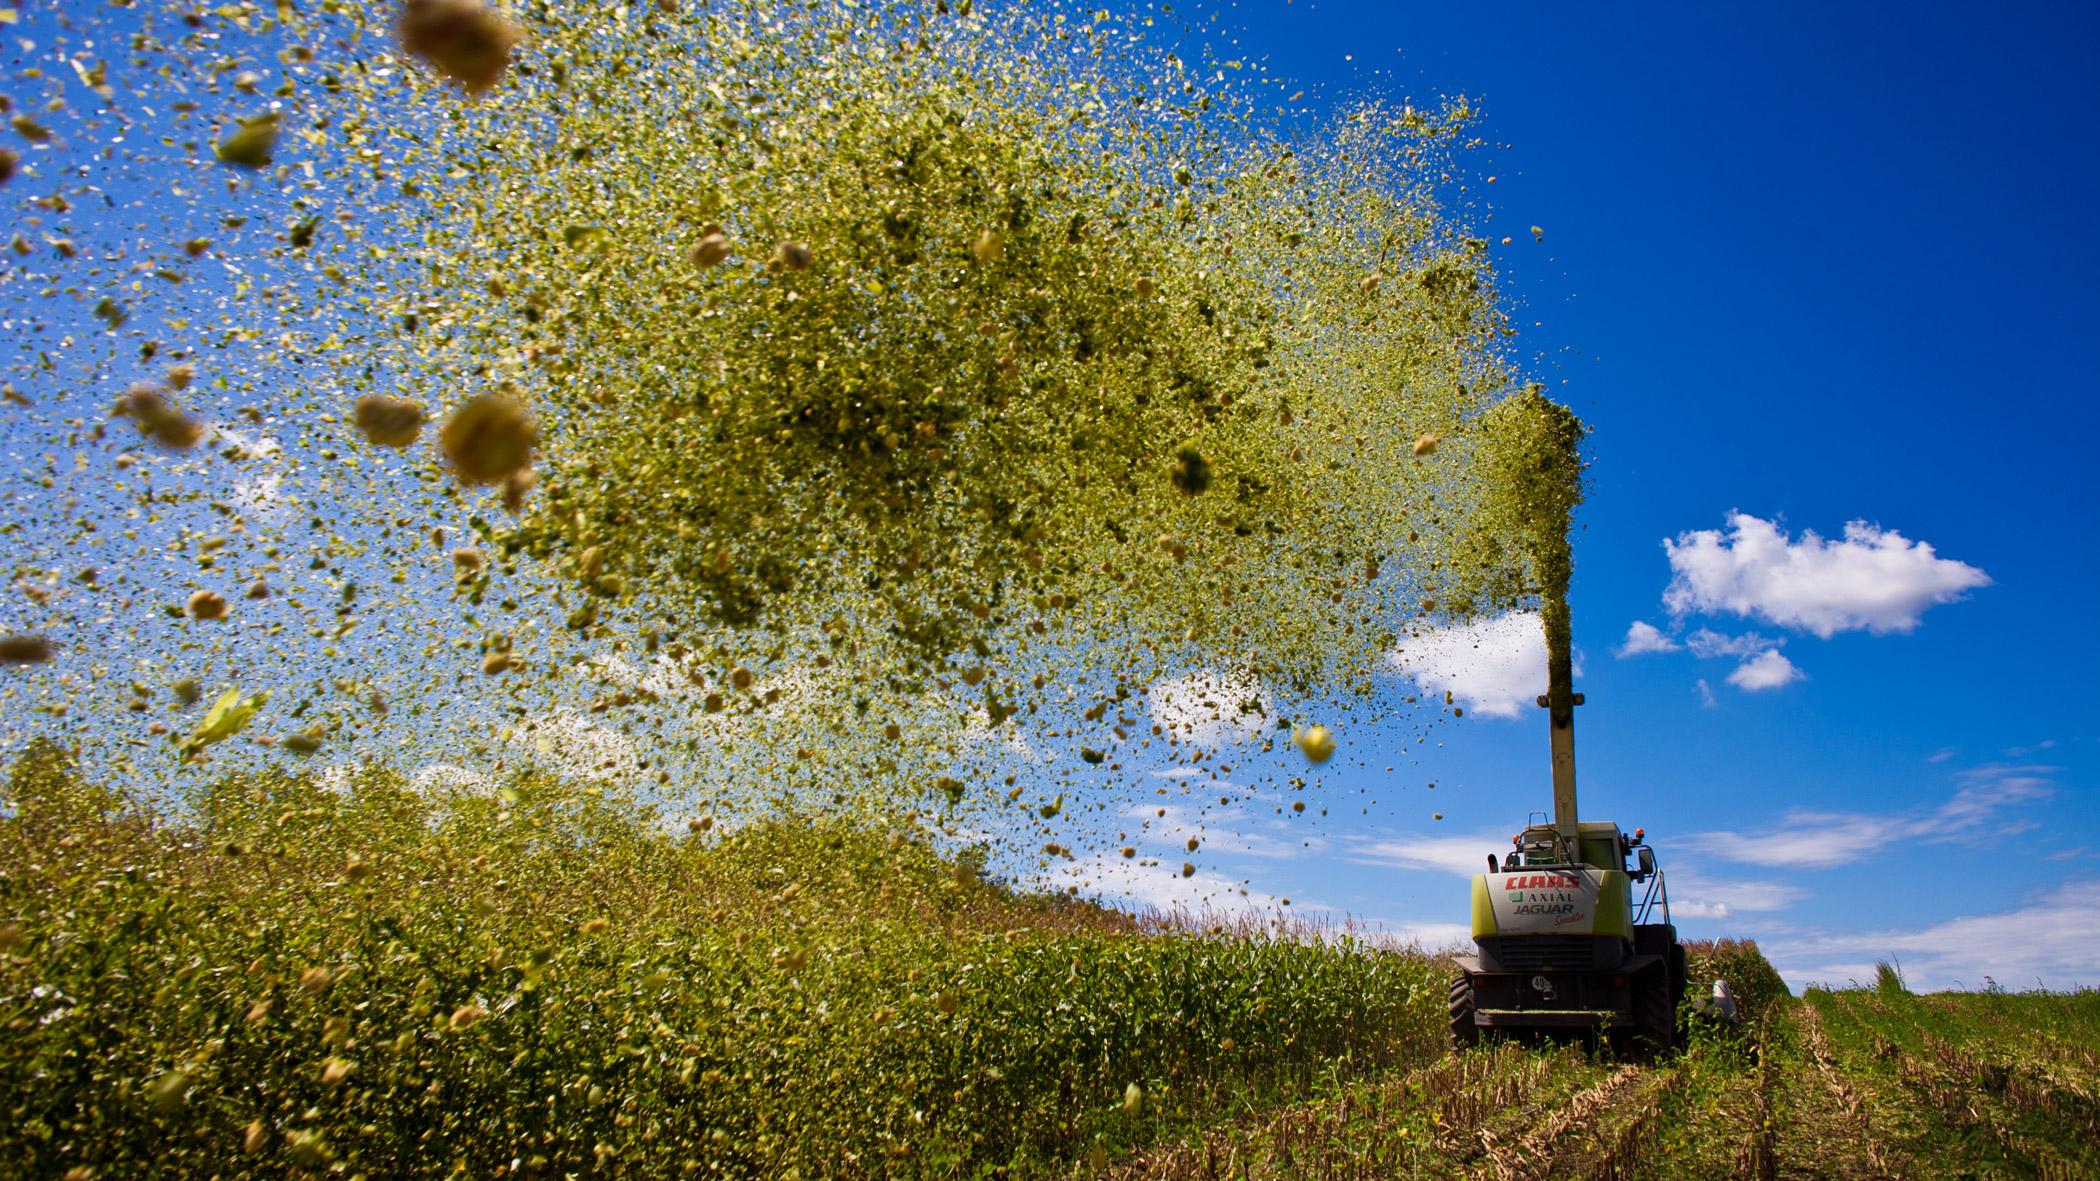 Harvester rejected GMO corn crop